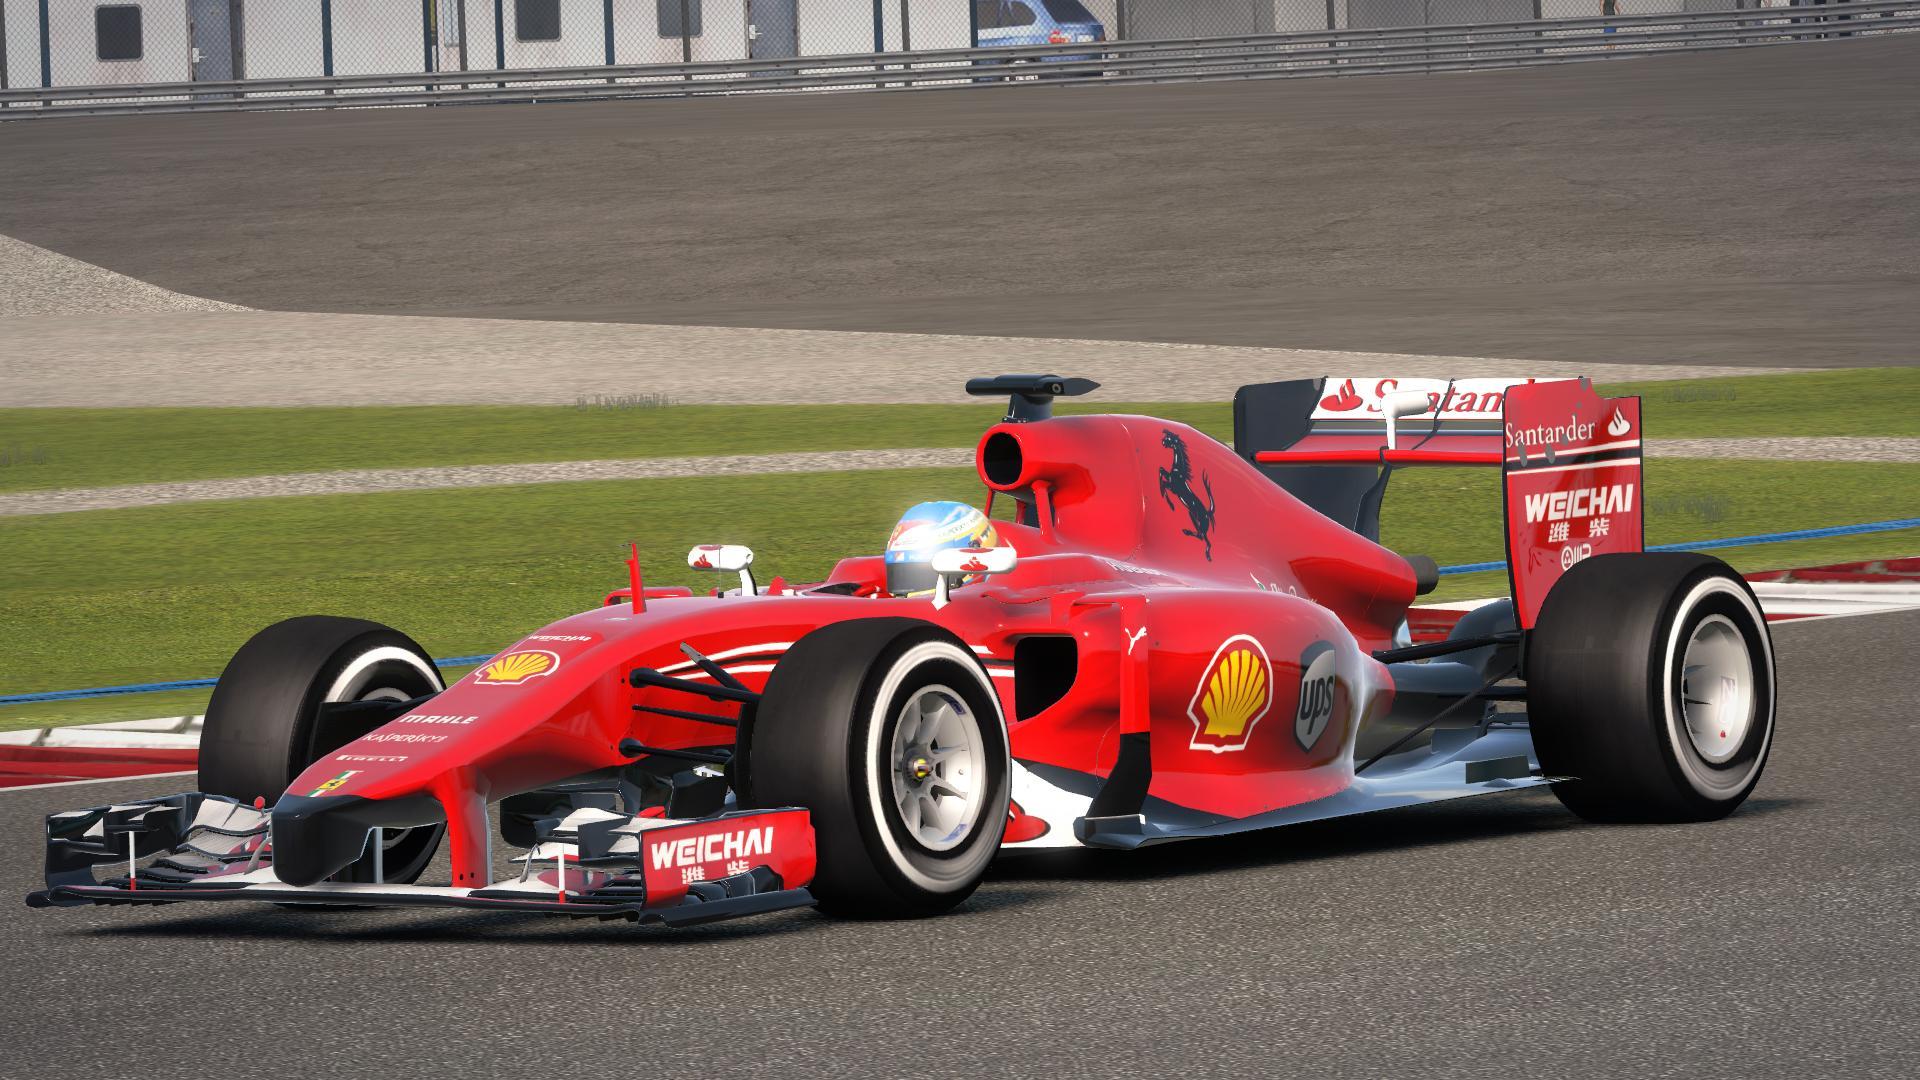 F1_2014 2017-03-13 19-08-56-09.jpg